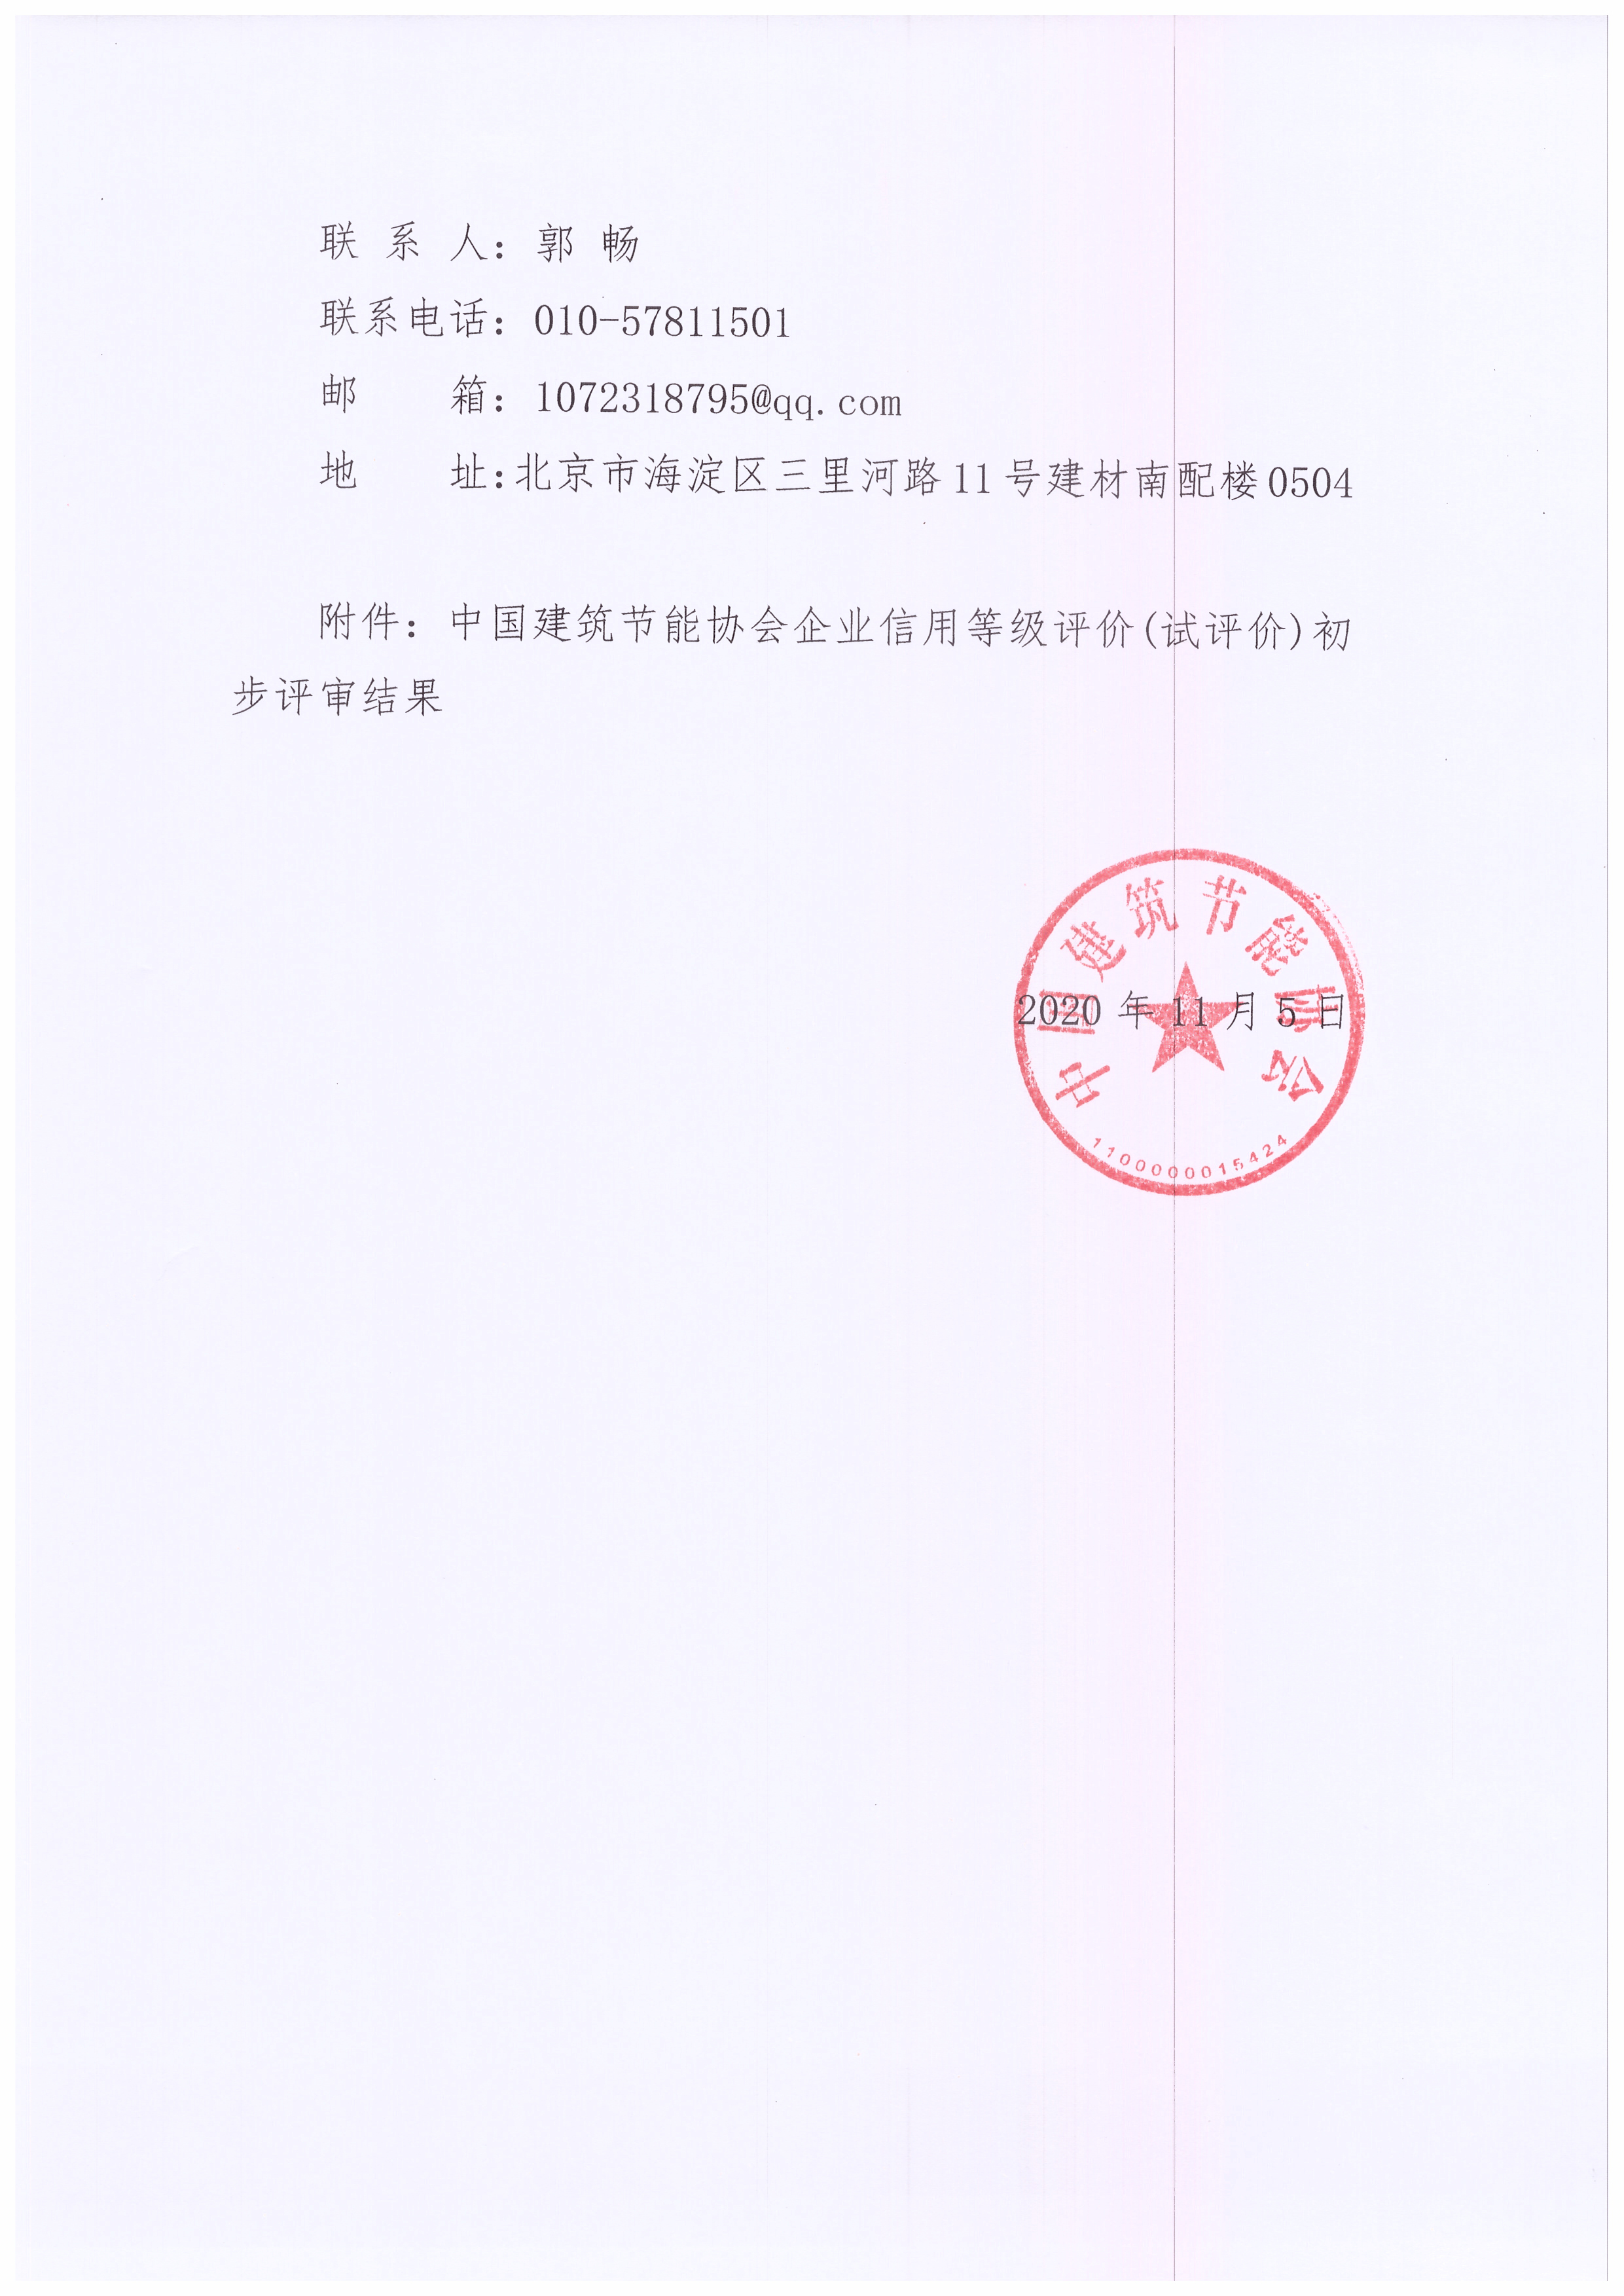 中国建筑节能协会企业信用等级评价_页面_2.jpg